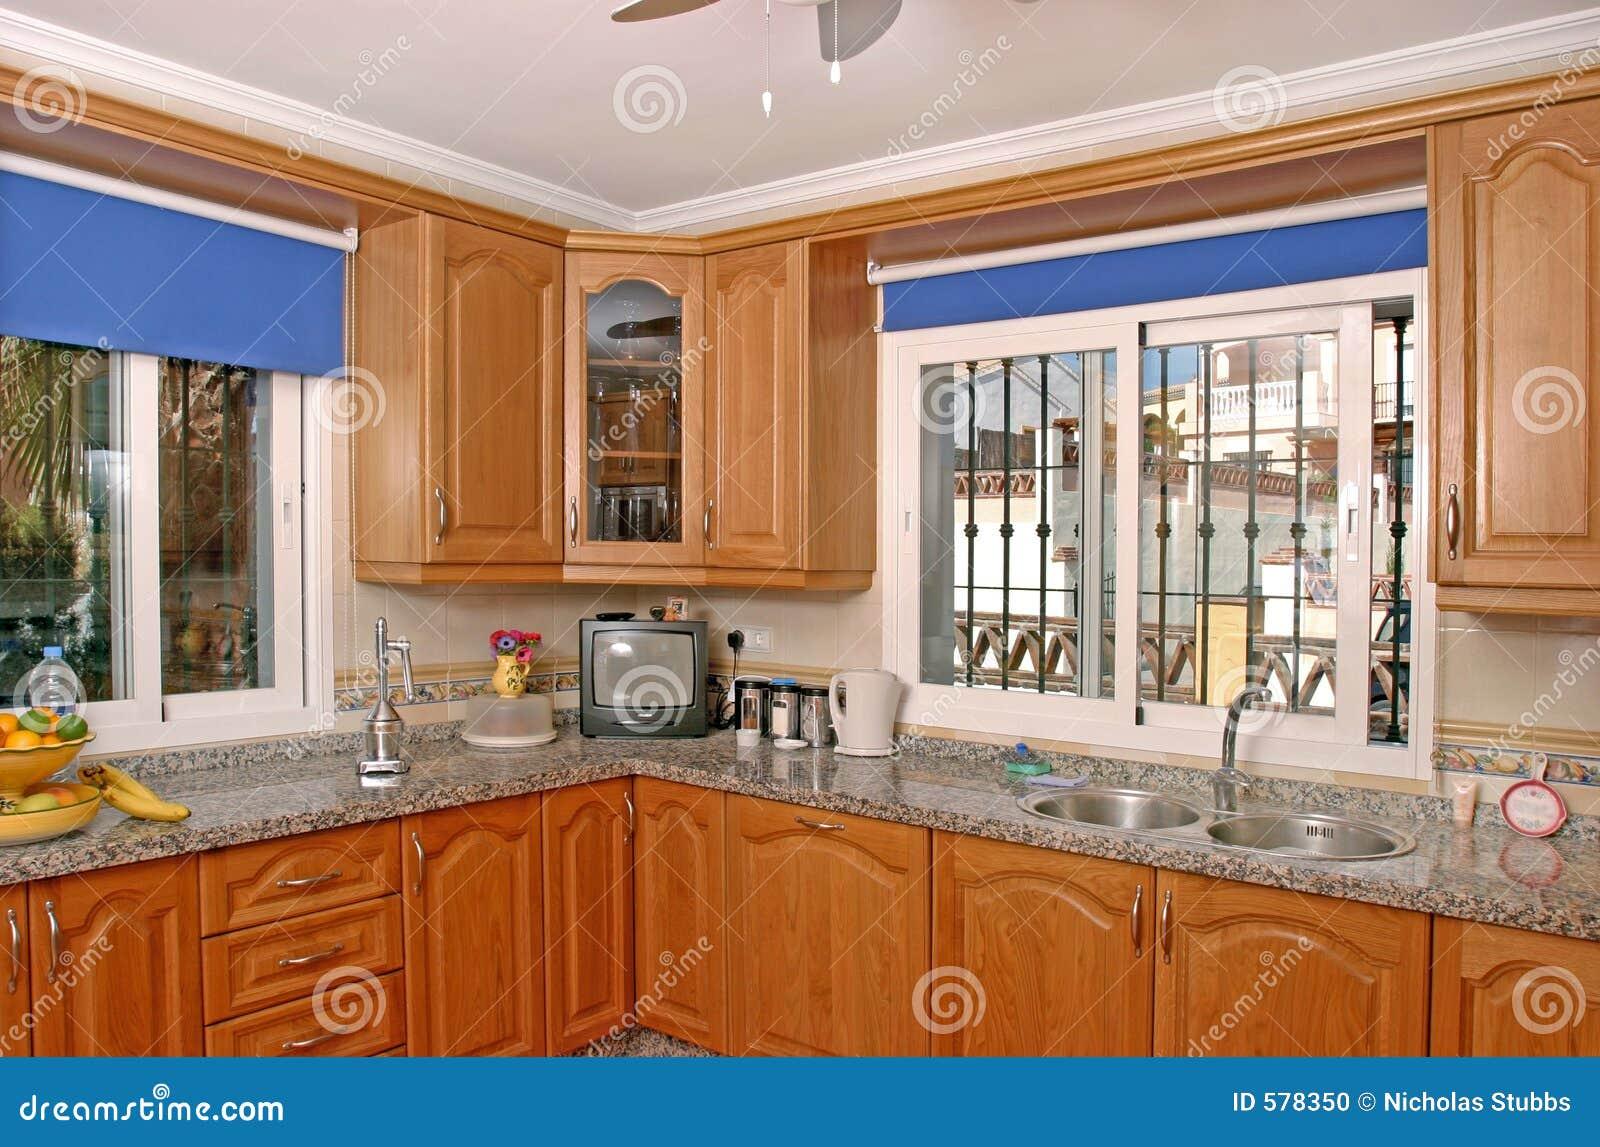 Interior Of Luxury Kitchen In Spanish Villa Stock Photo ...